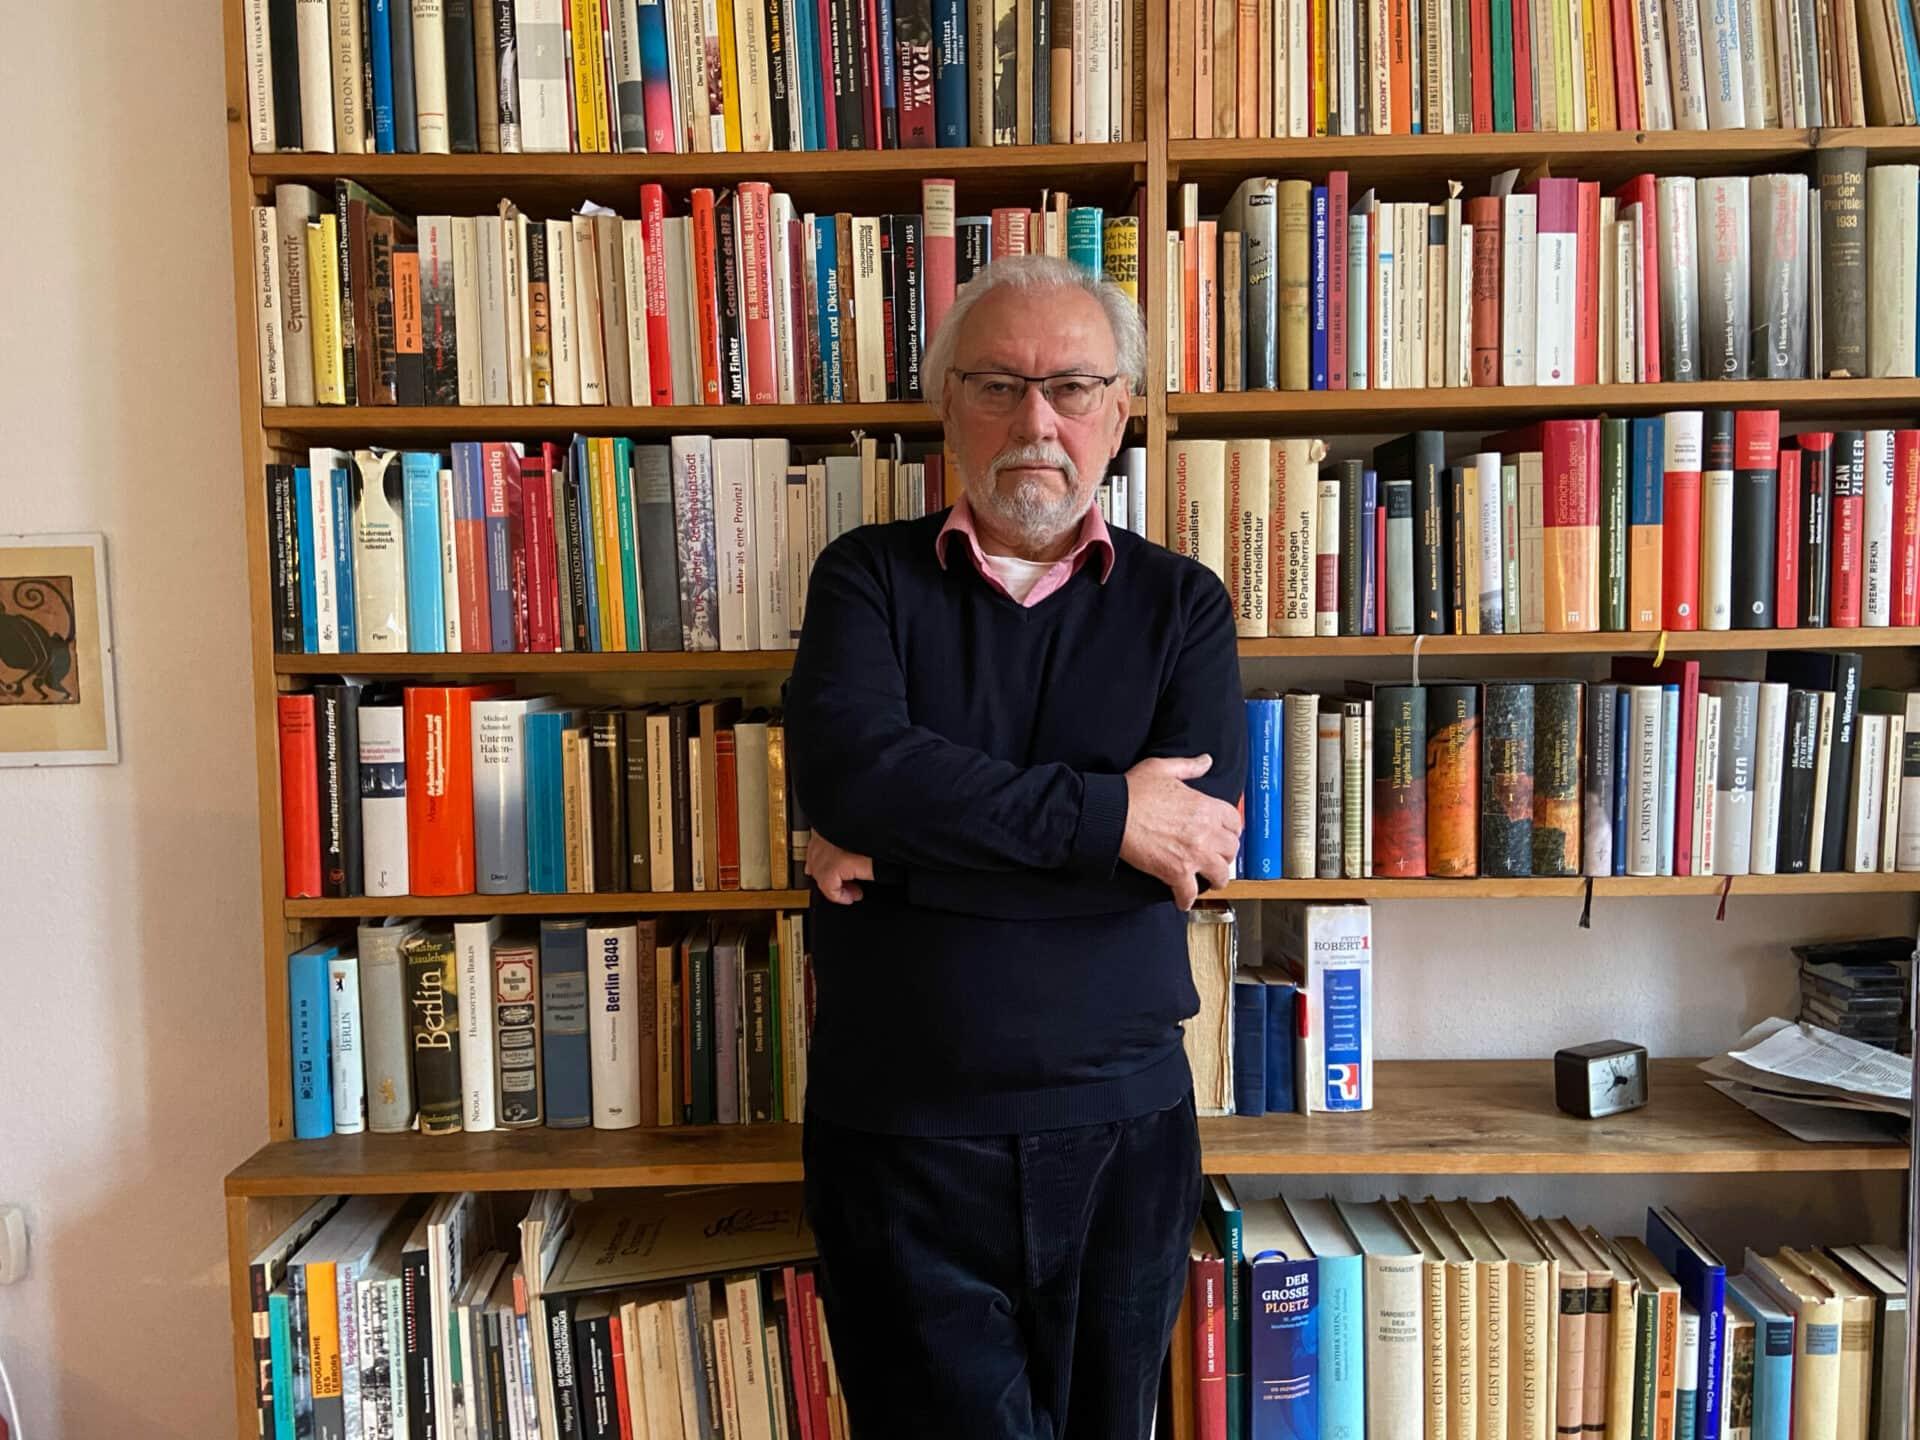 Historiker Siegfried Heimann vor seinem heimischen Bücherregal